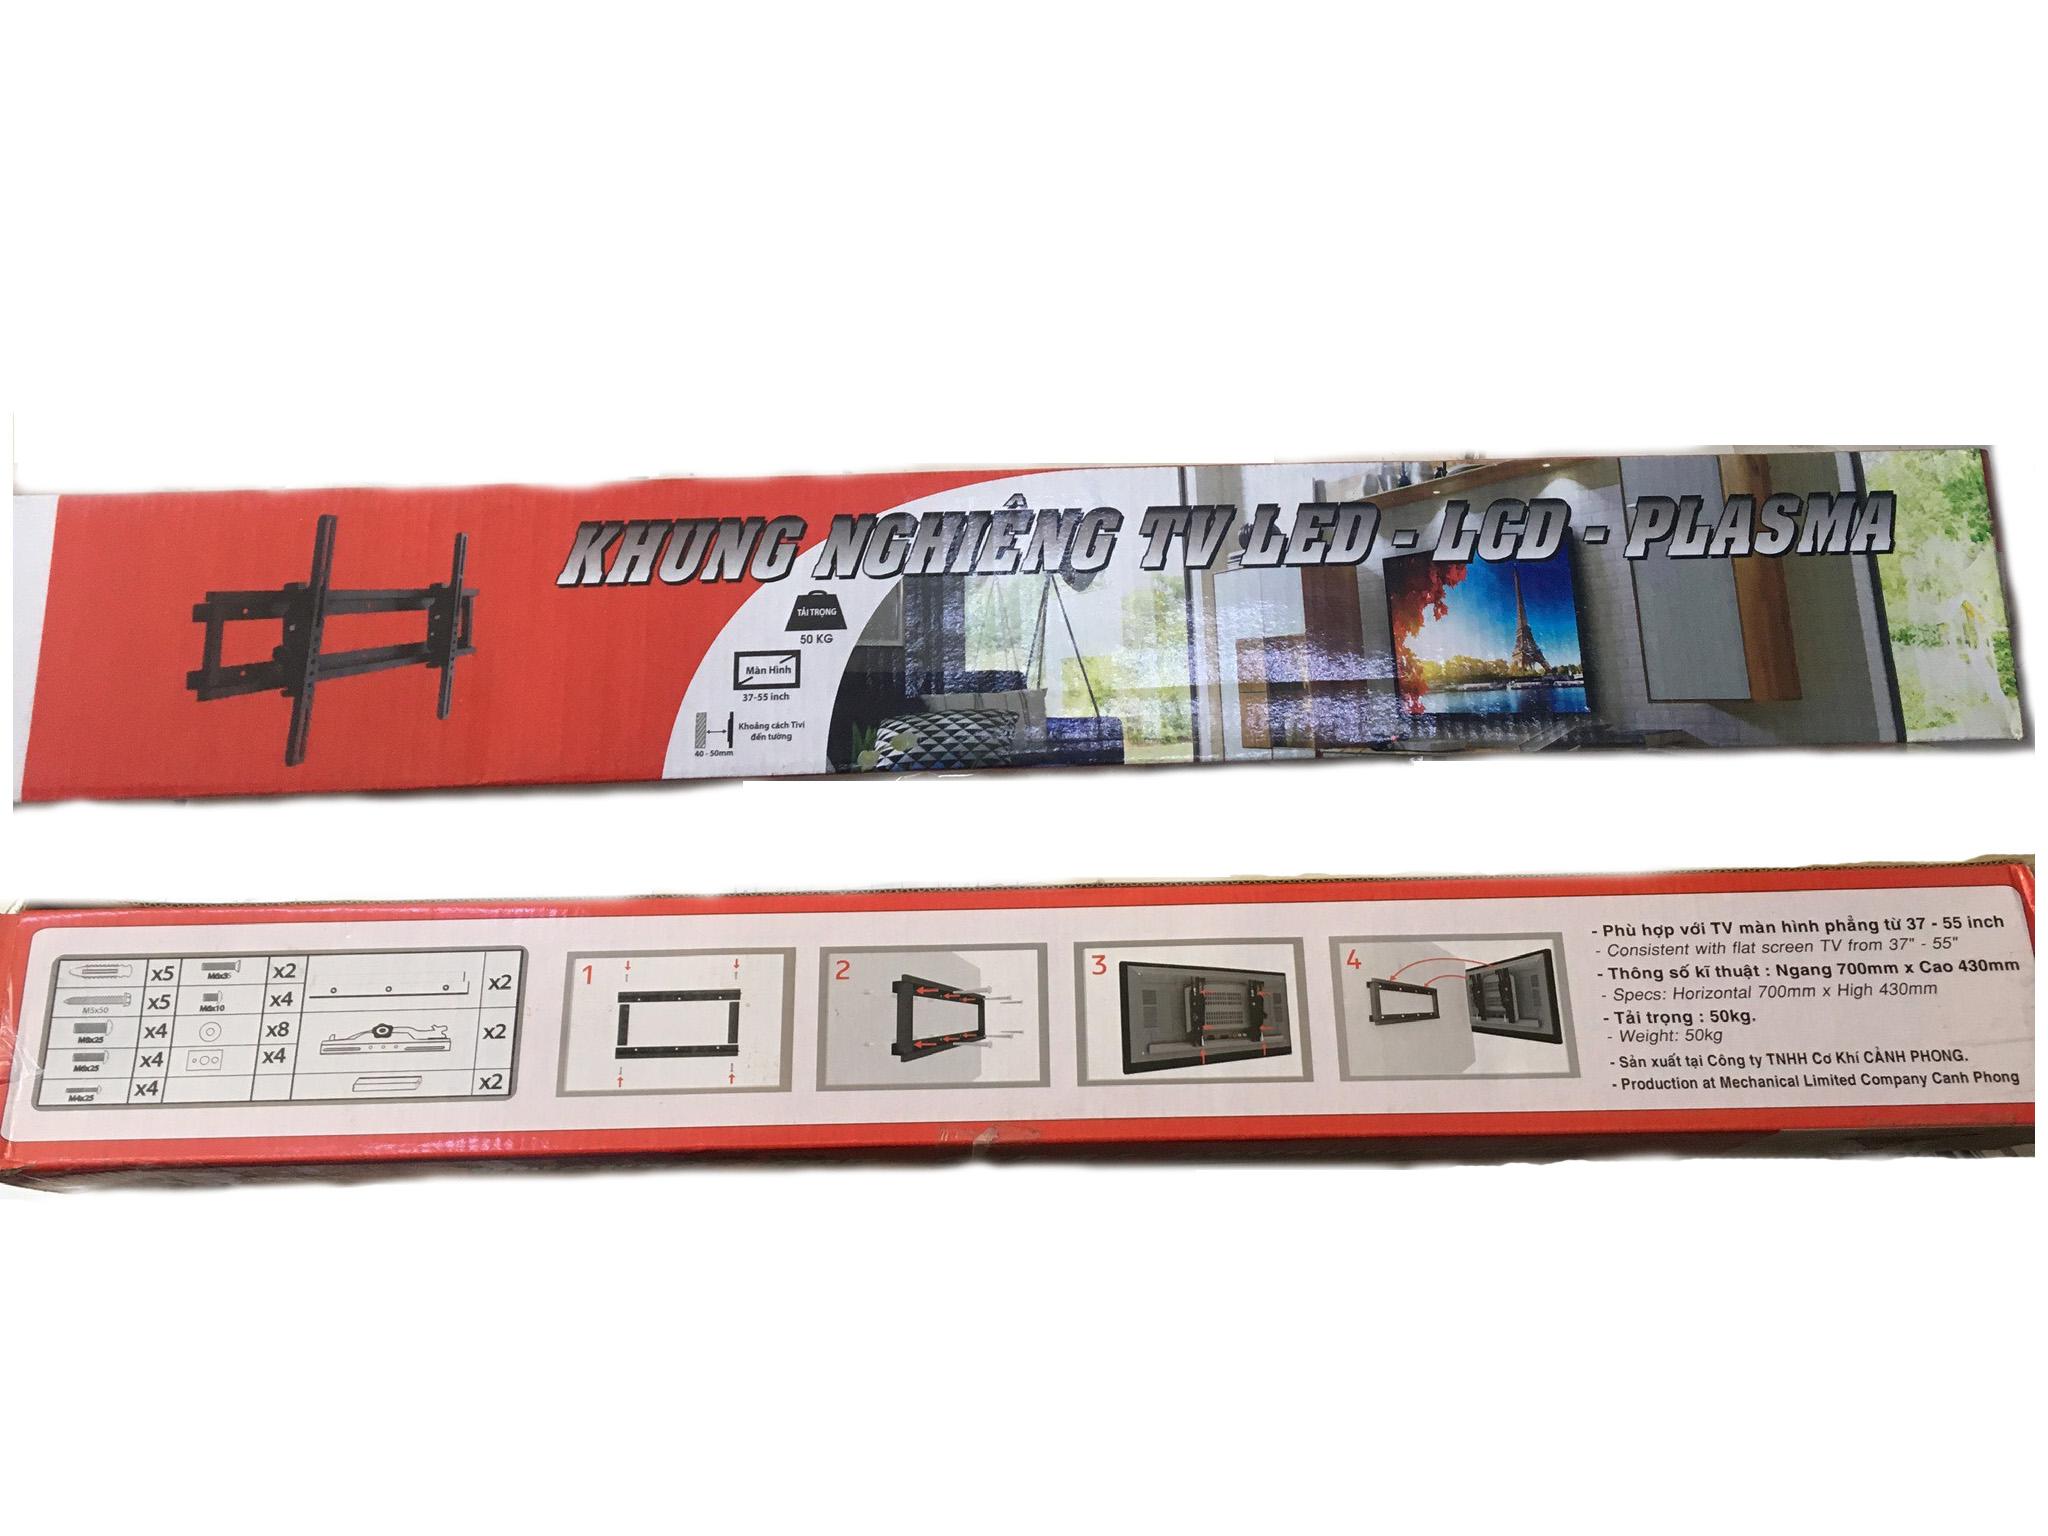 Khung treo tivi nghiêng 37 - 55 inch - Hàng chính hãng